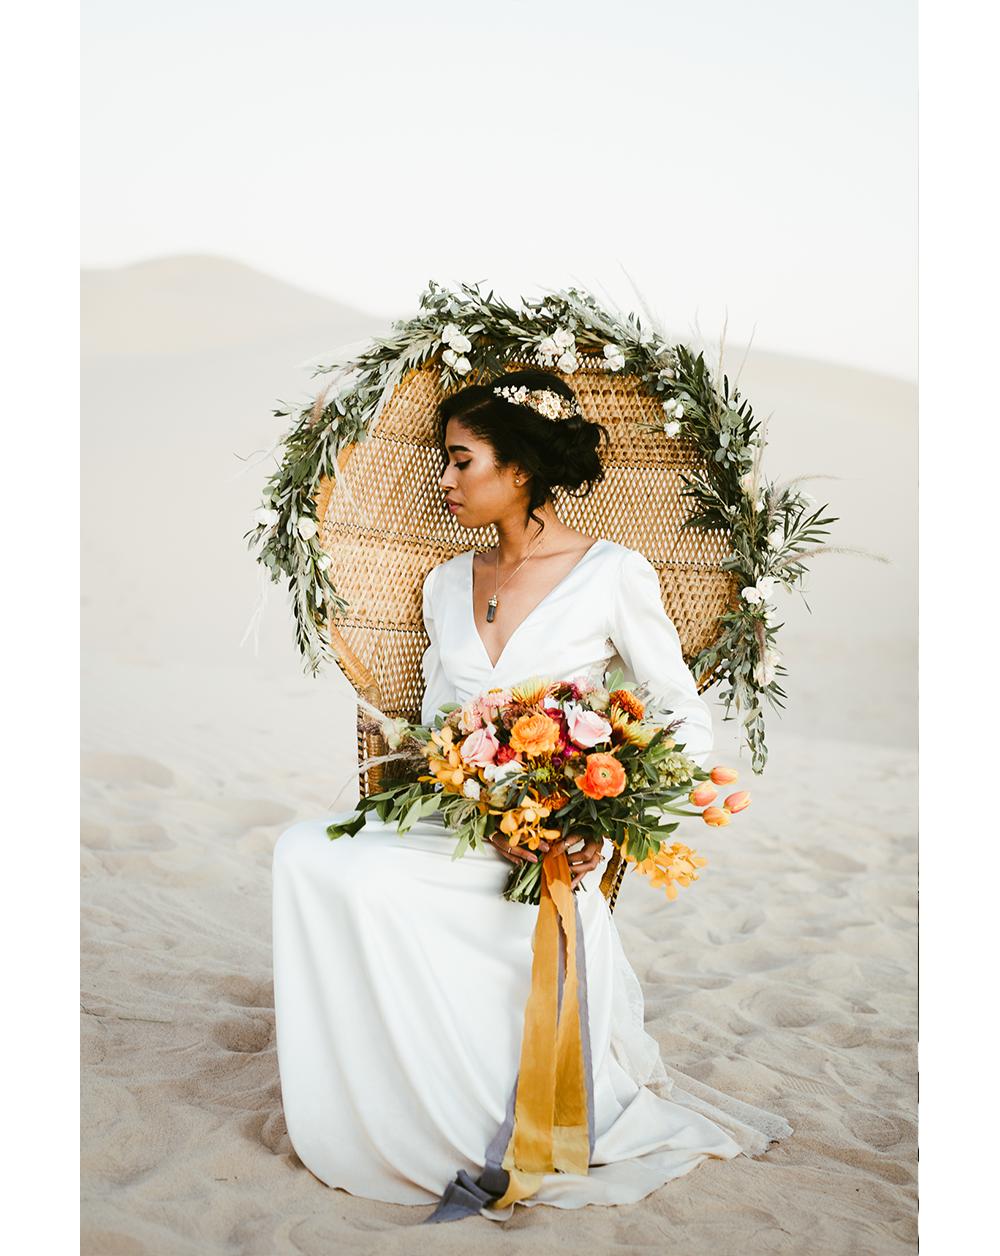 Frida enamorada boda en el desierto de baja california mexico 13.png